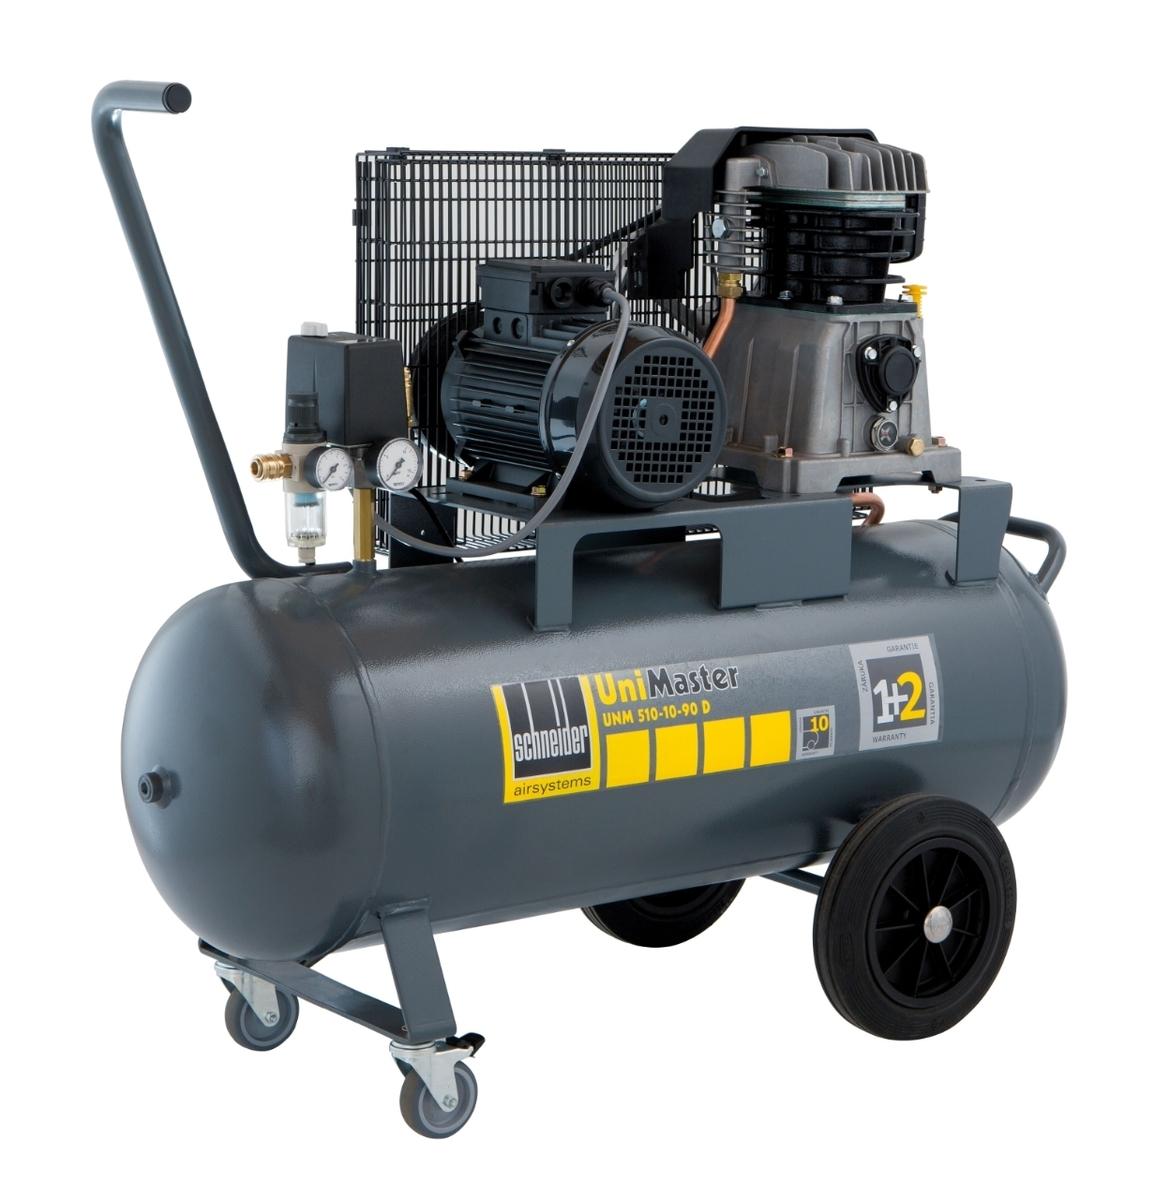 Vzduchový kompresor 90 l 400 V, olejový dvouválcový - Schneider UNM 510-10-90 D